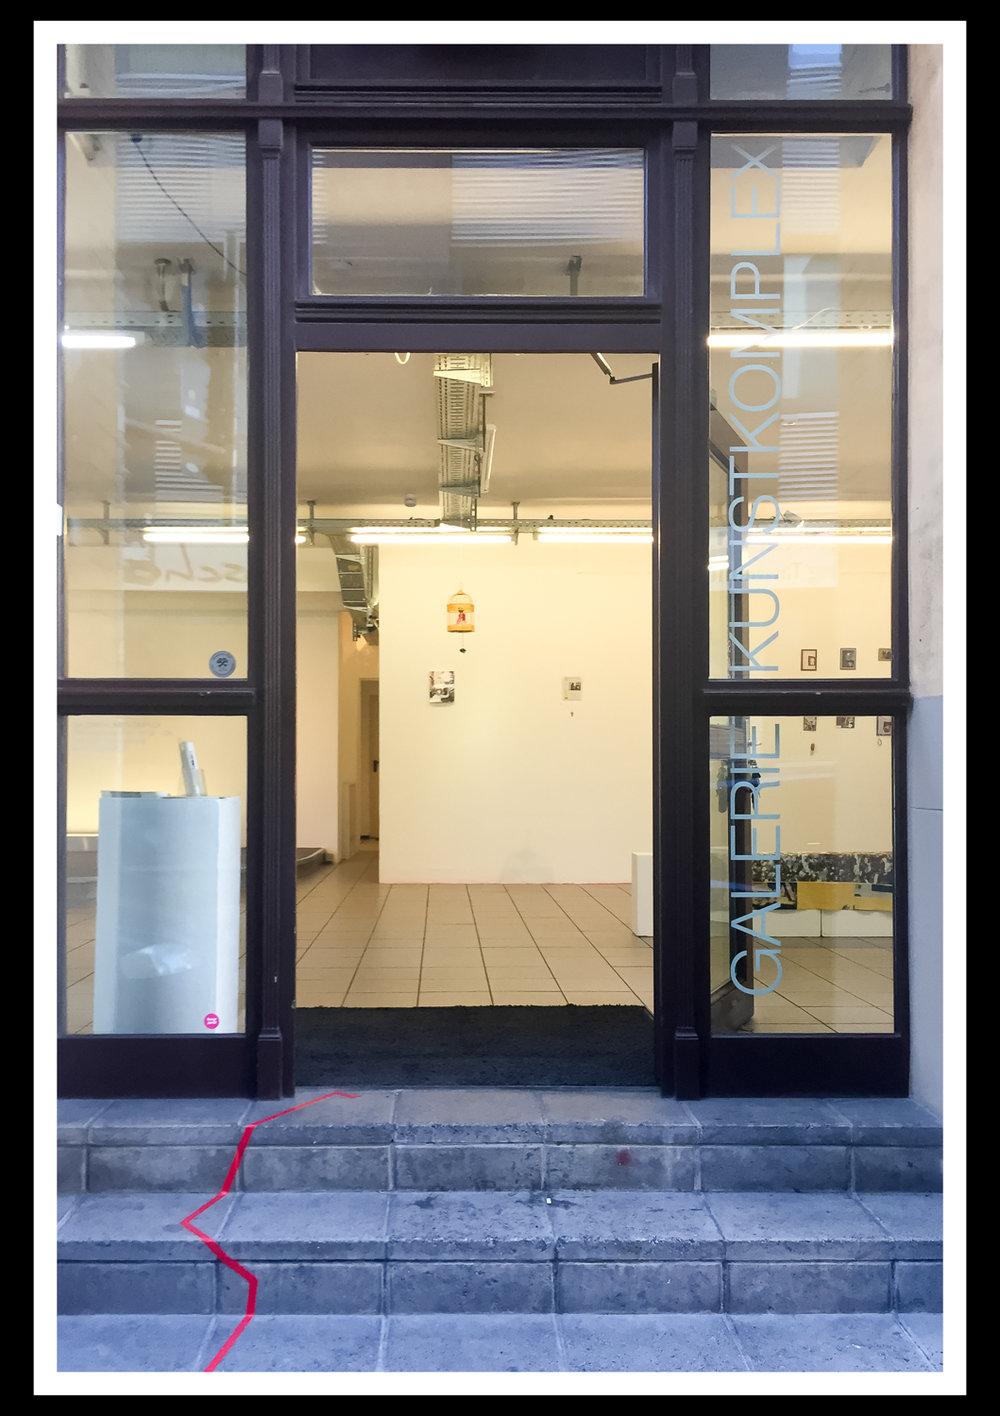 Kunstkomplex-ExhibitionPhotos-HEYDT-7.jpg